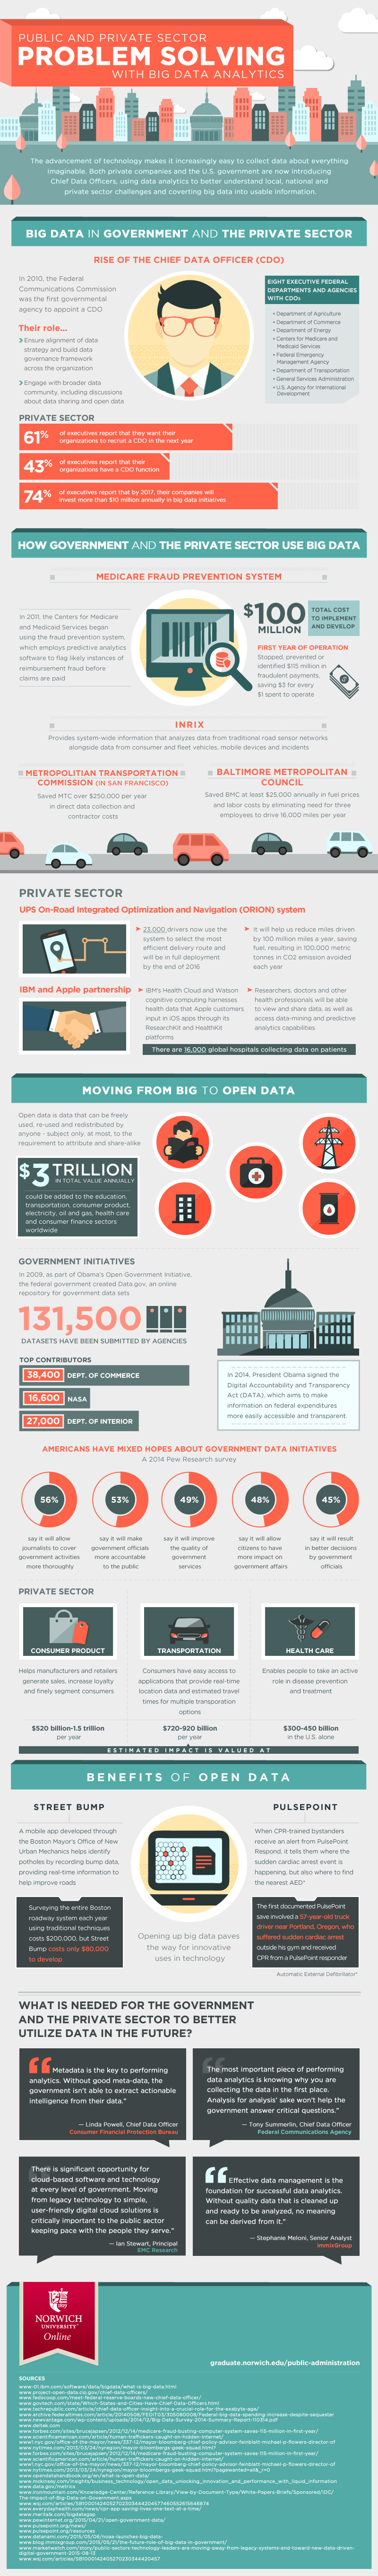 Big Data Analytics [Infographic]